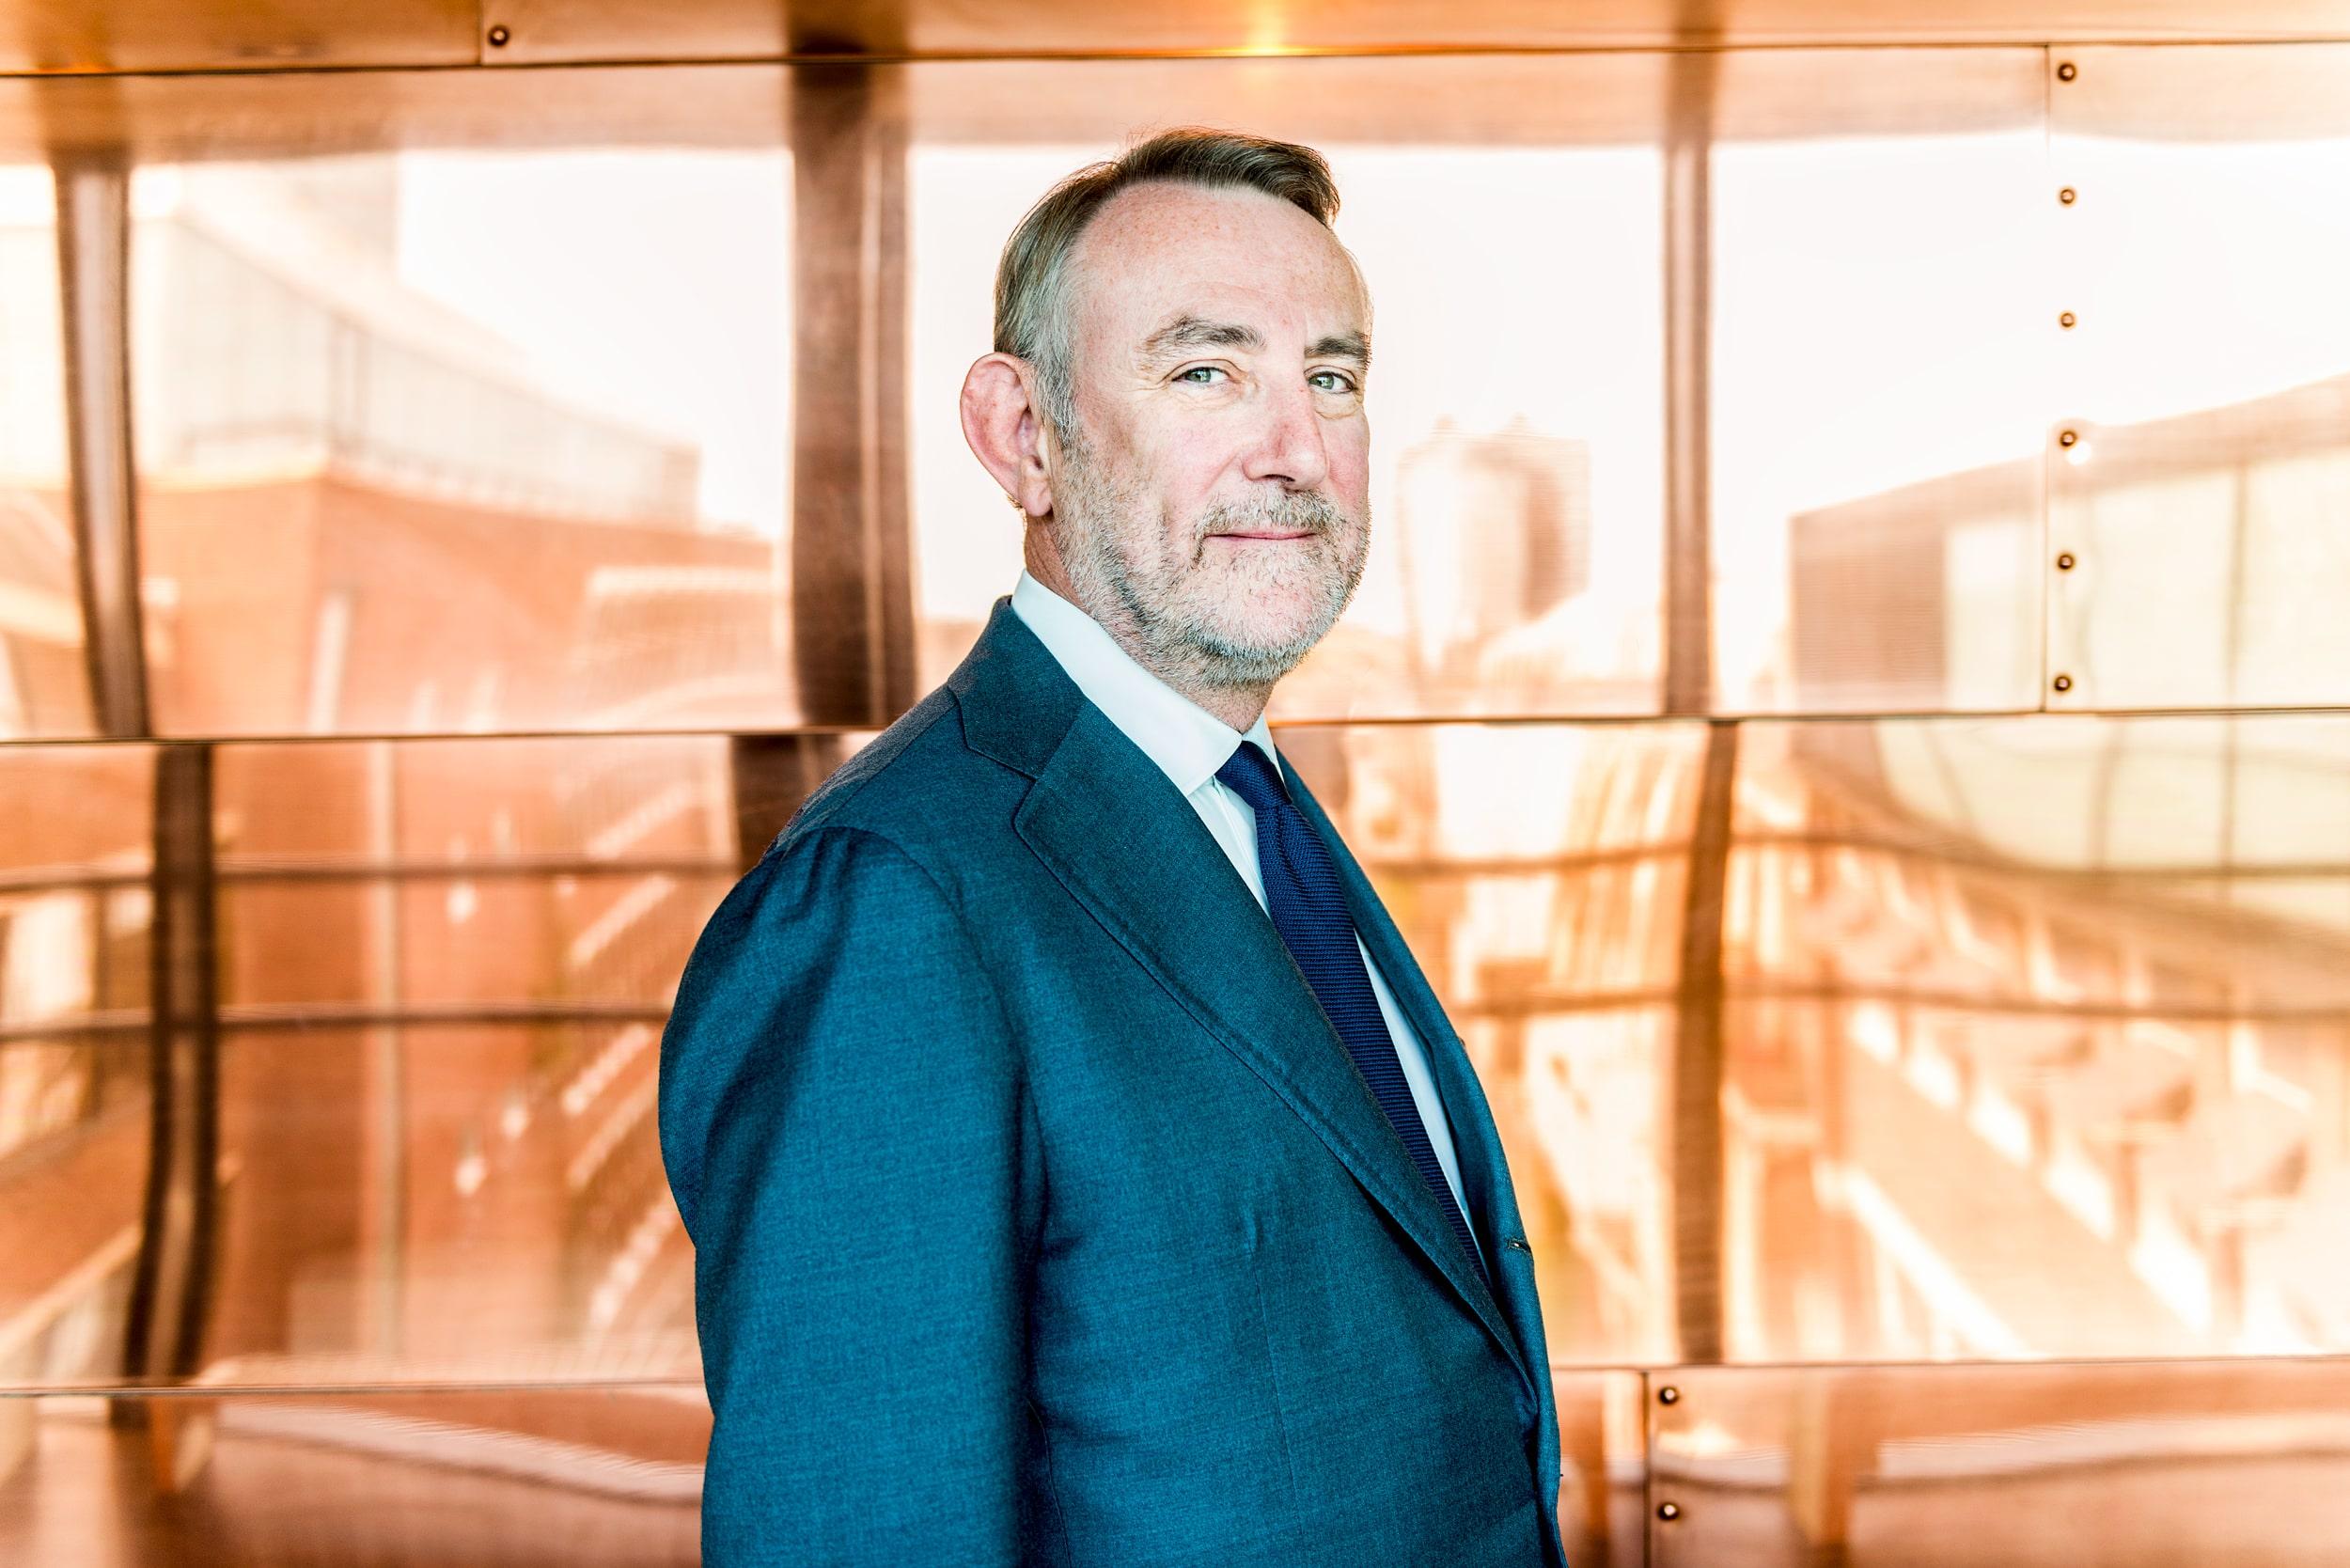 Zakelijk portret van Jean-Francois van Boxmeer, Voormalig CEO van Heineken.